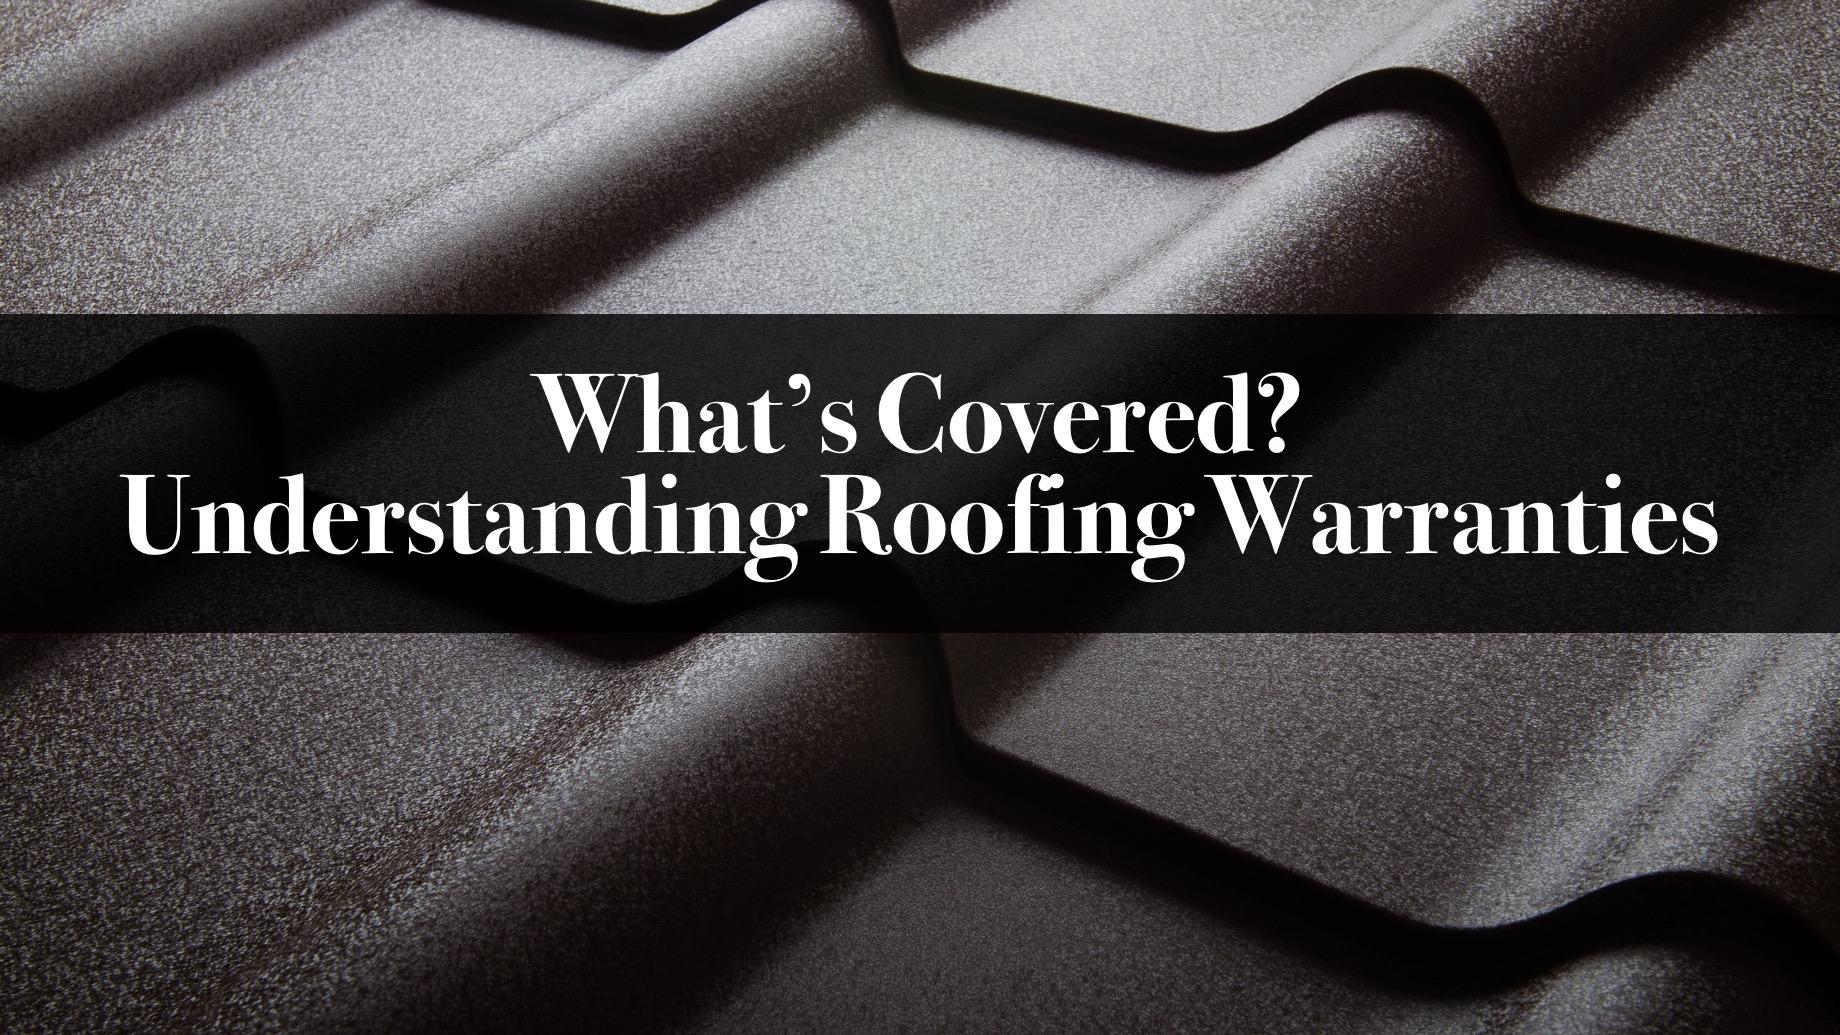 What's Covered? Understanding Roofing Warranties